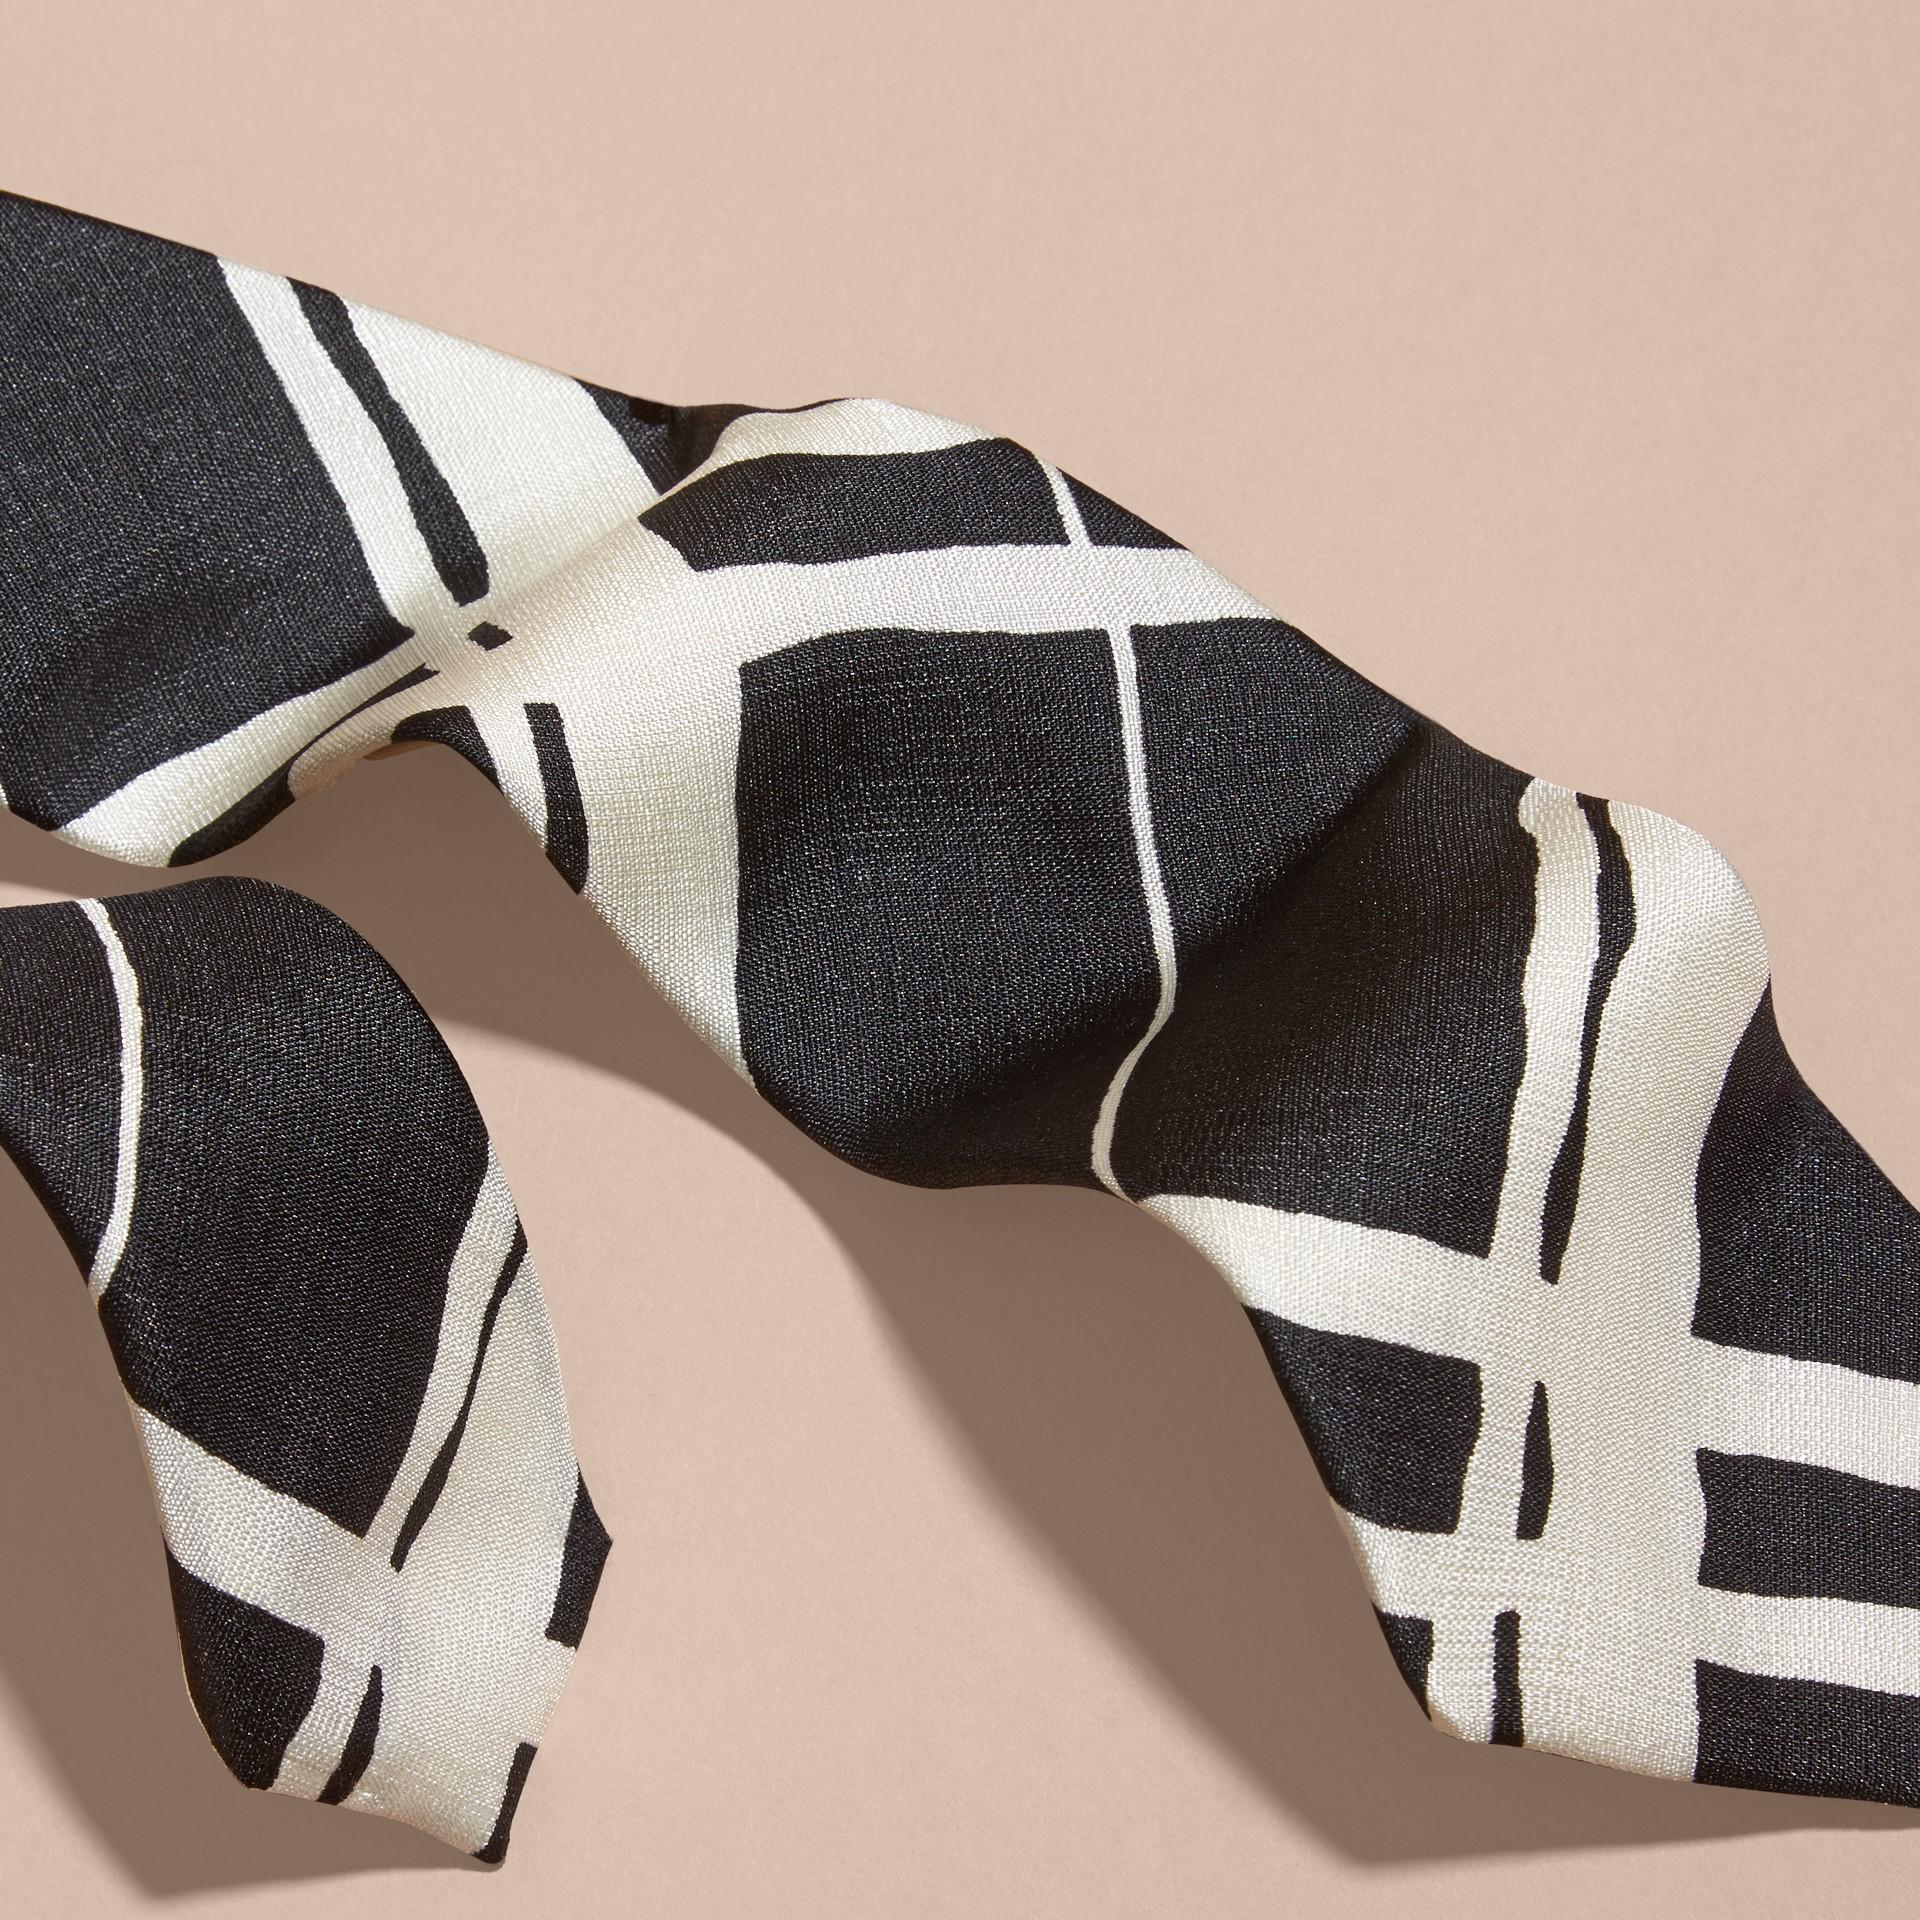 黑色 窄版剪裁彩繪風格紋印花絲質領帶 - 圖庫照片 2